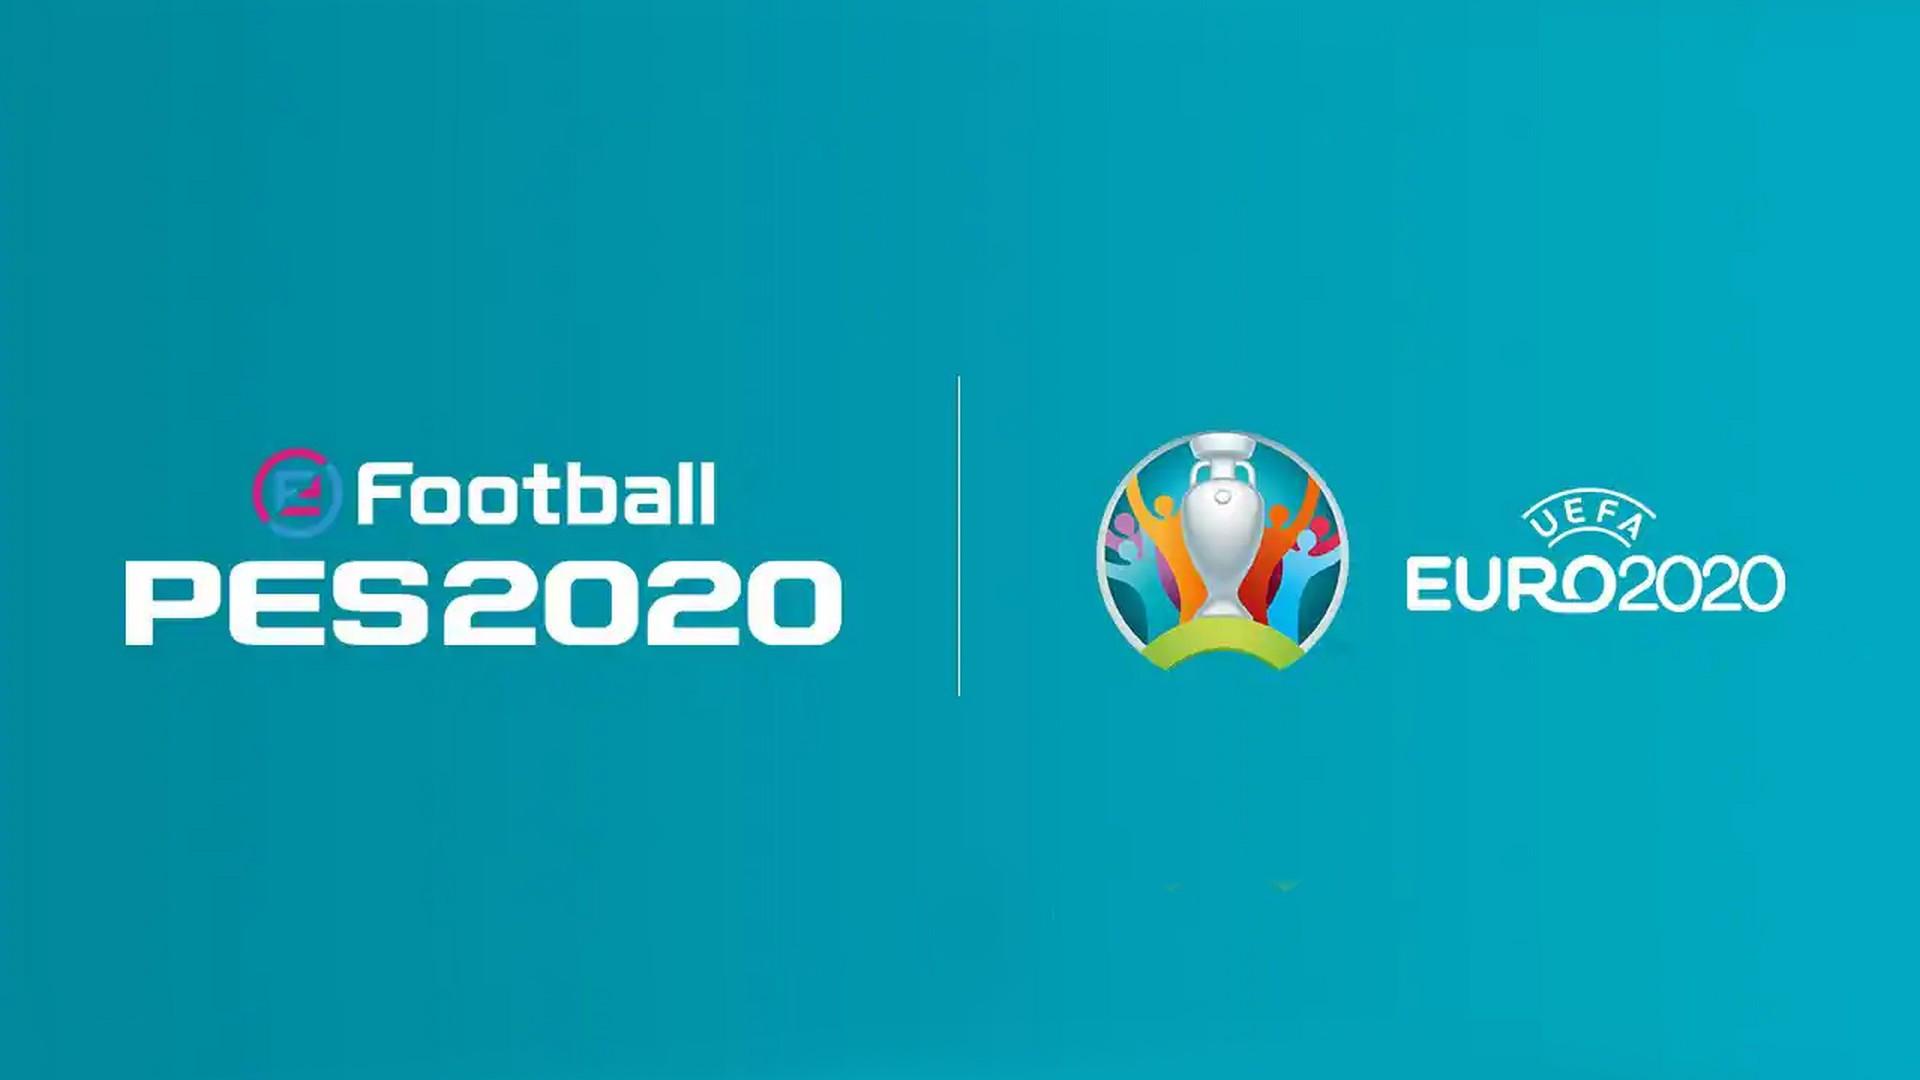 eEuro 2020 (2) PES 2020